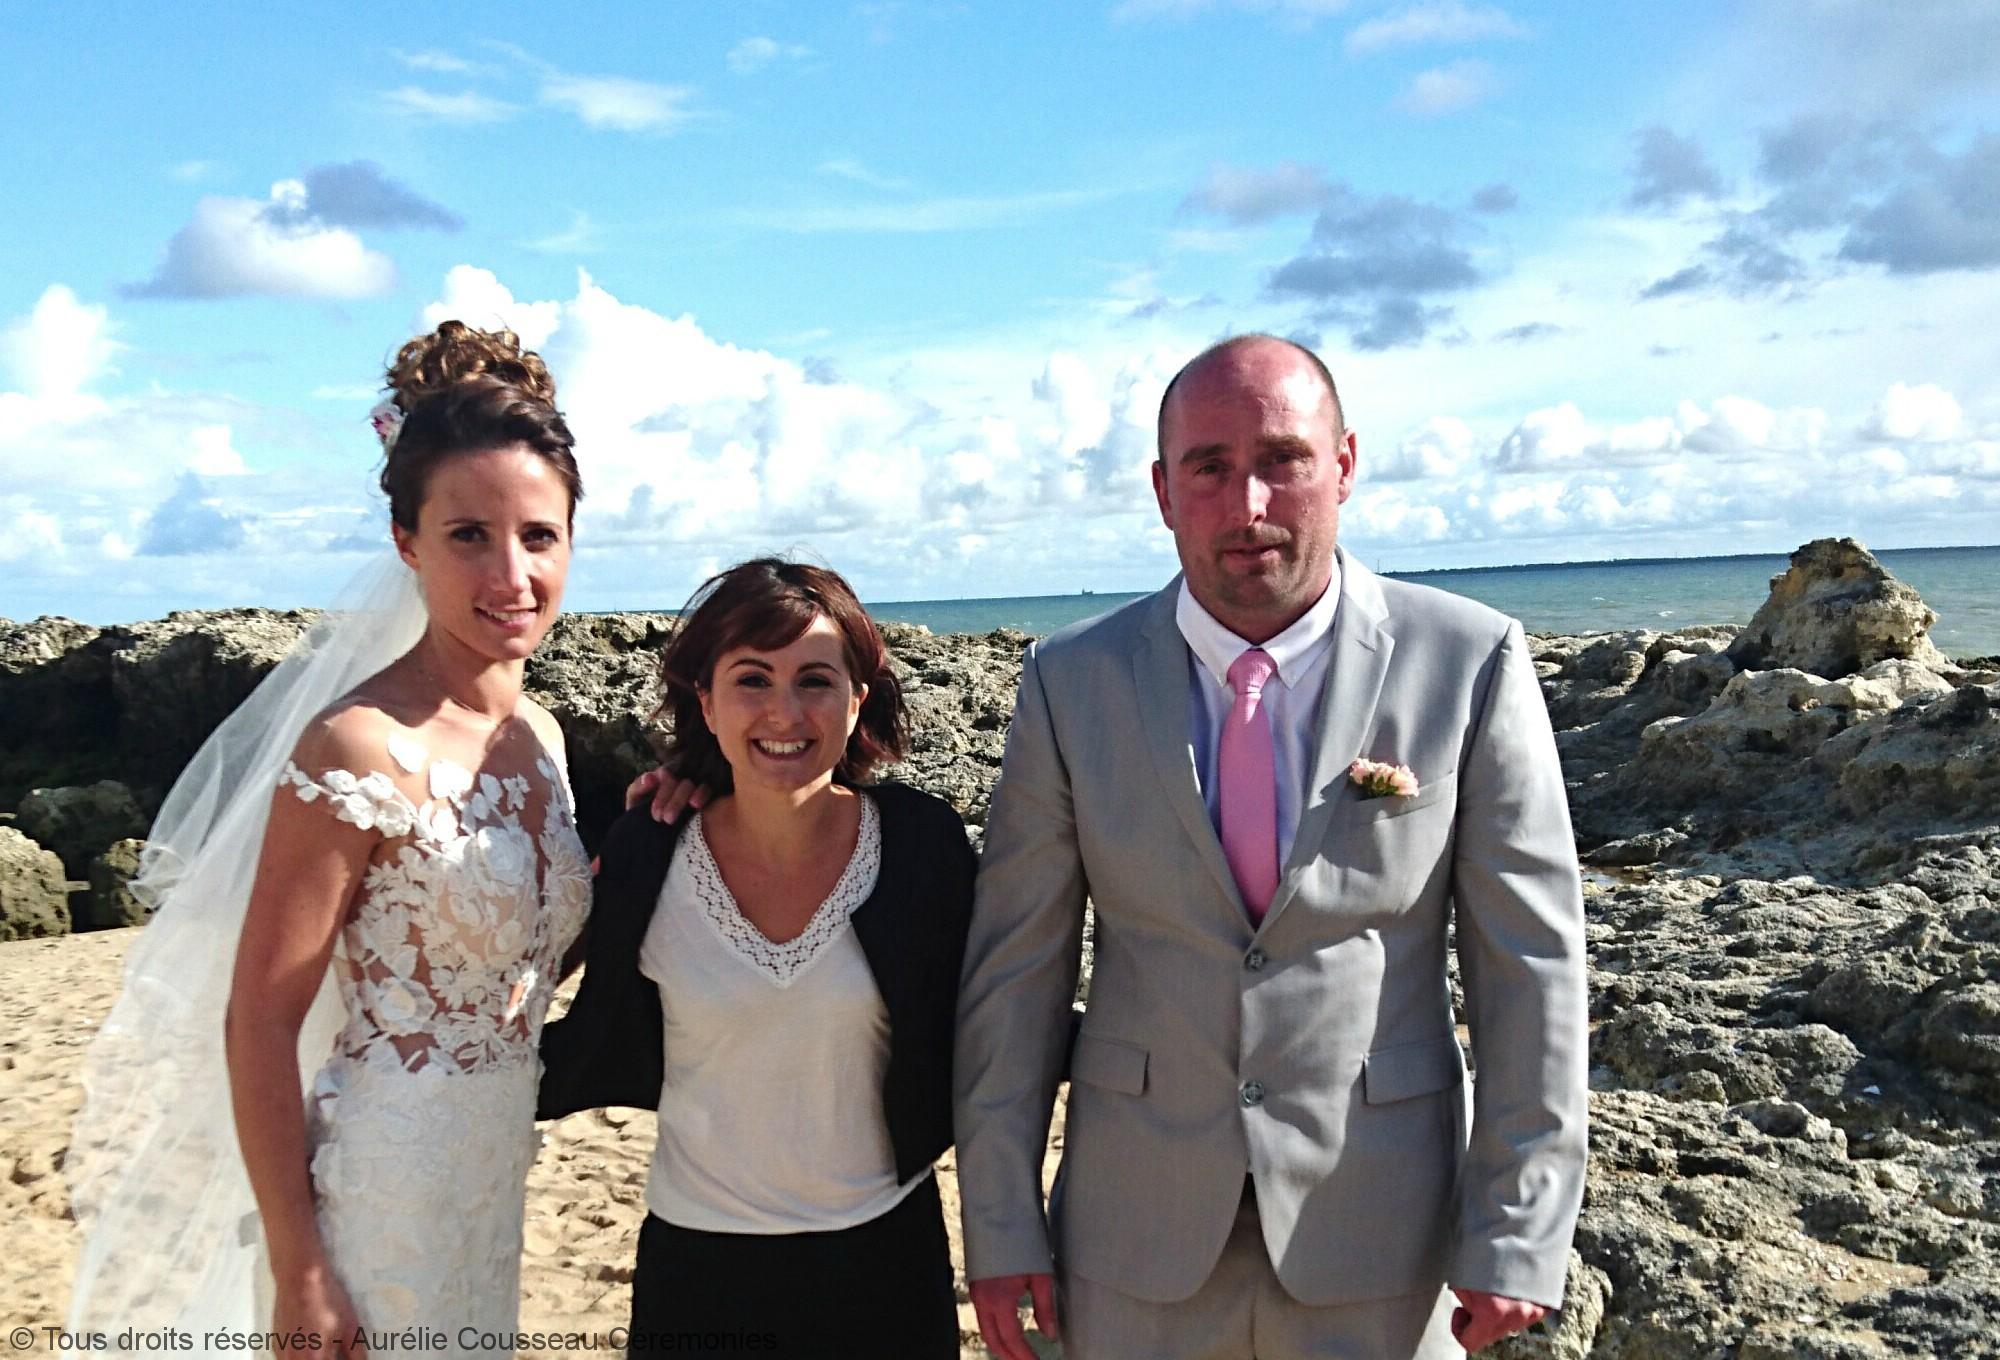 mariés-cérémonie de C&JM-Photo unJourExtra-aurelie cousseau cérémonies